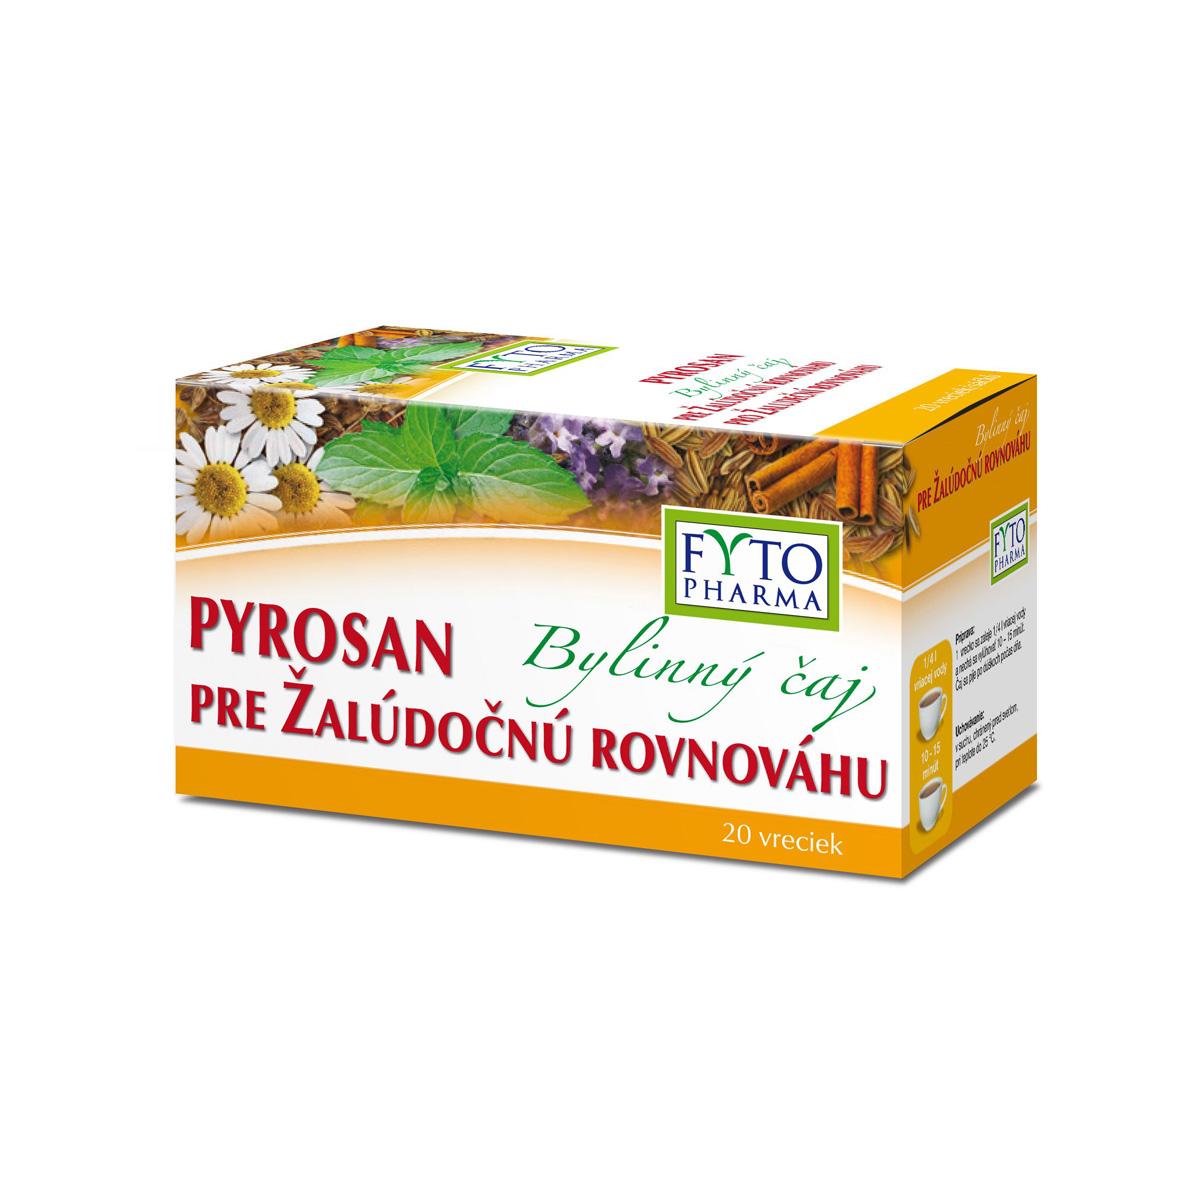 Fytopharma Bylinný čaj pro žaludeční rovnováhu PYROSAN 20 x 1,5 g